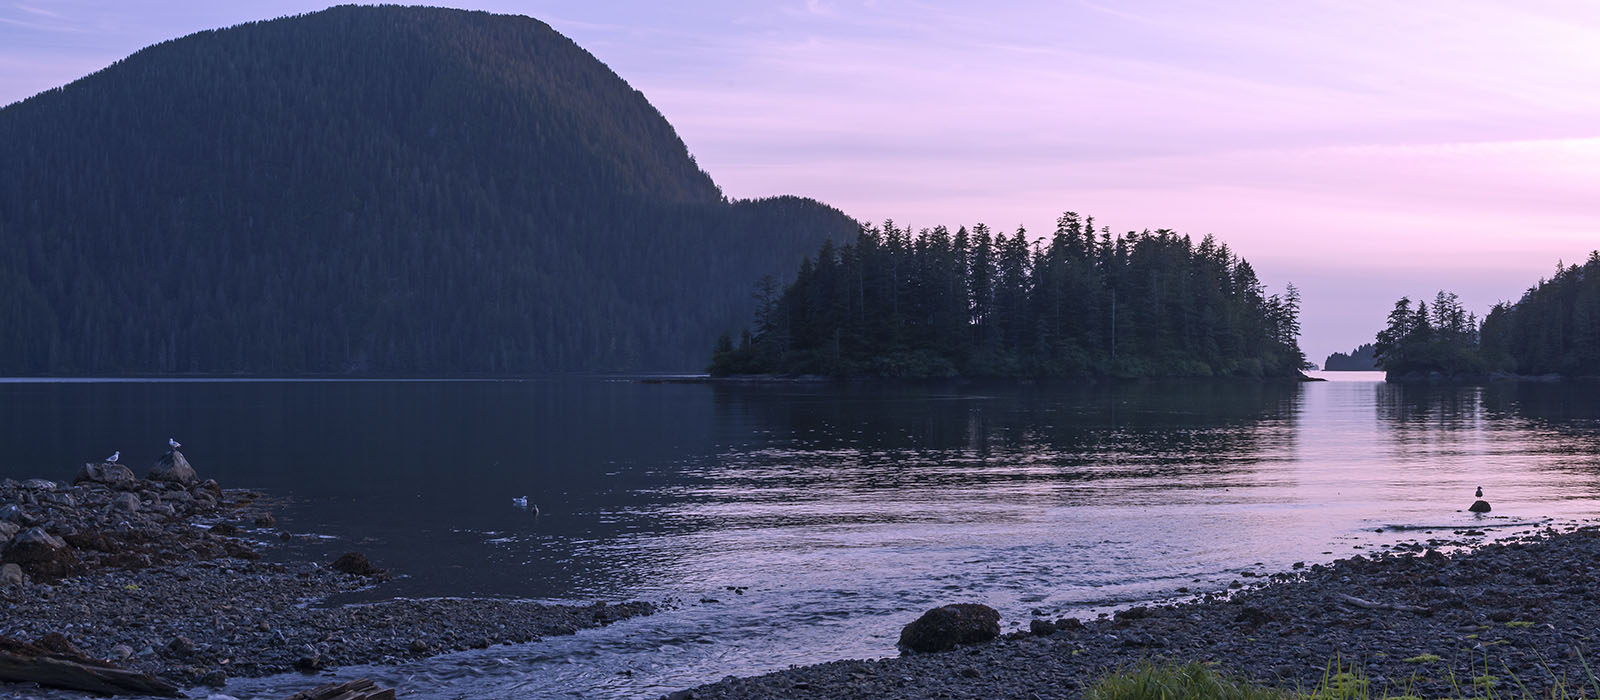 portland-relocation_0010_bigstock-Pacific-Northwest-Seascape-70949020